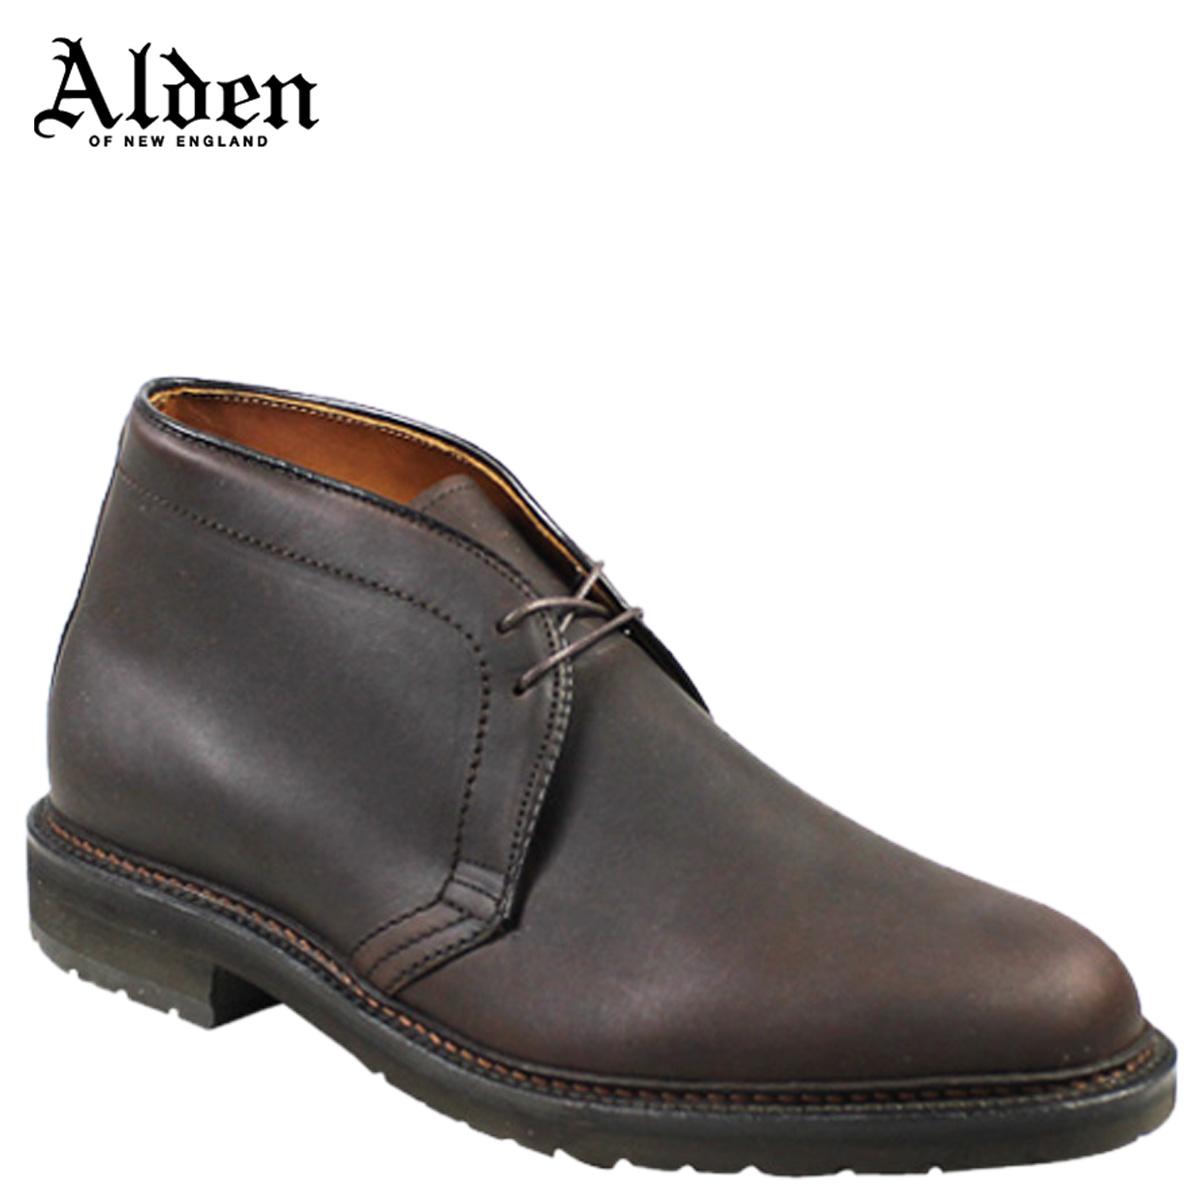 ALDEN オールデン チャッカブーツ メンズ CHUKKA BOOT Dワイズ 1272S